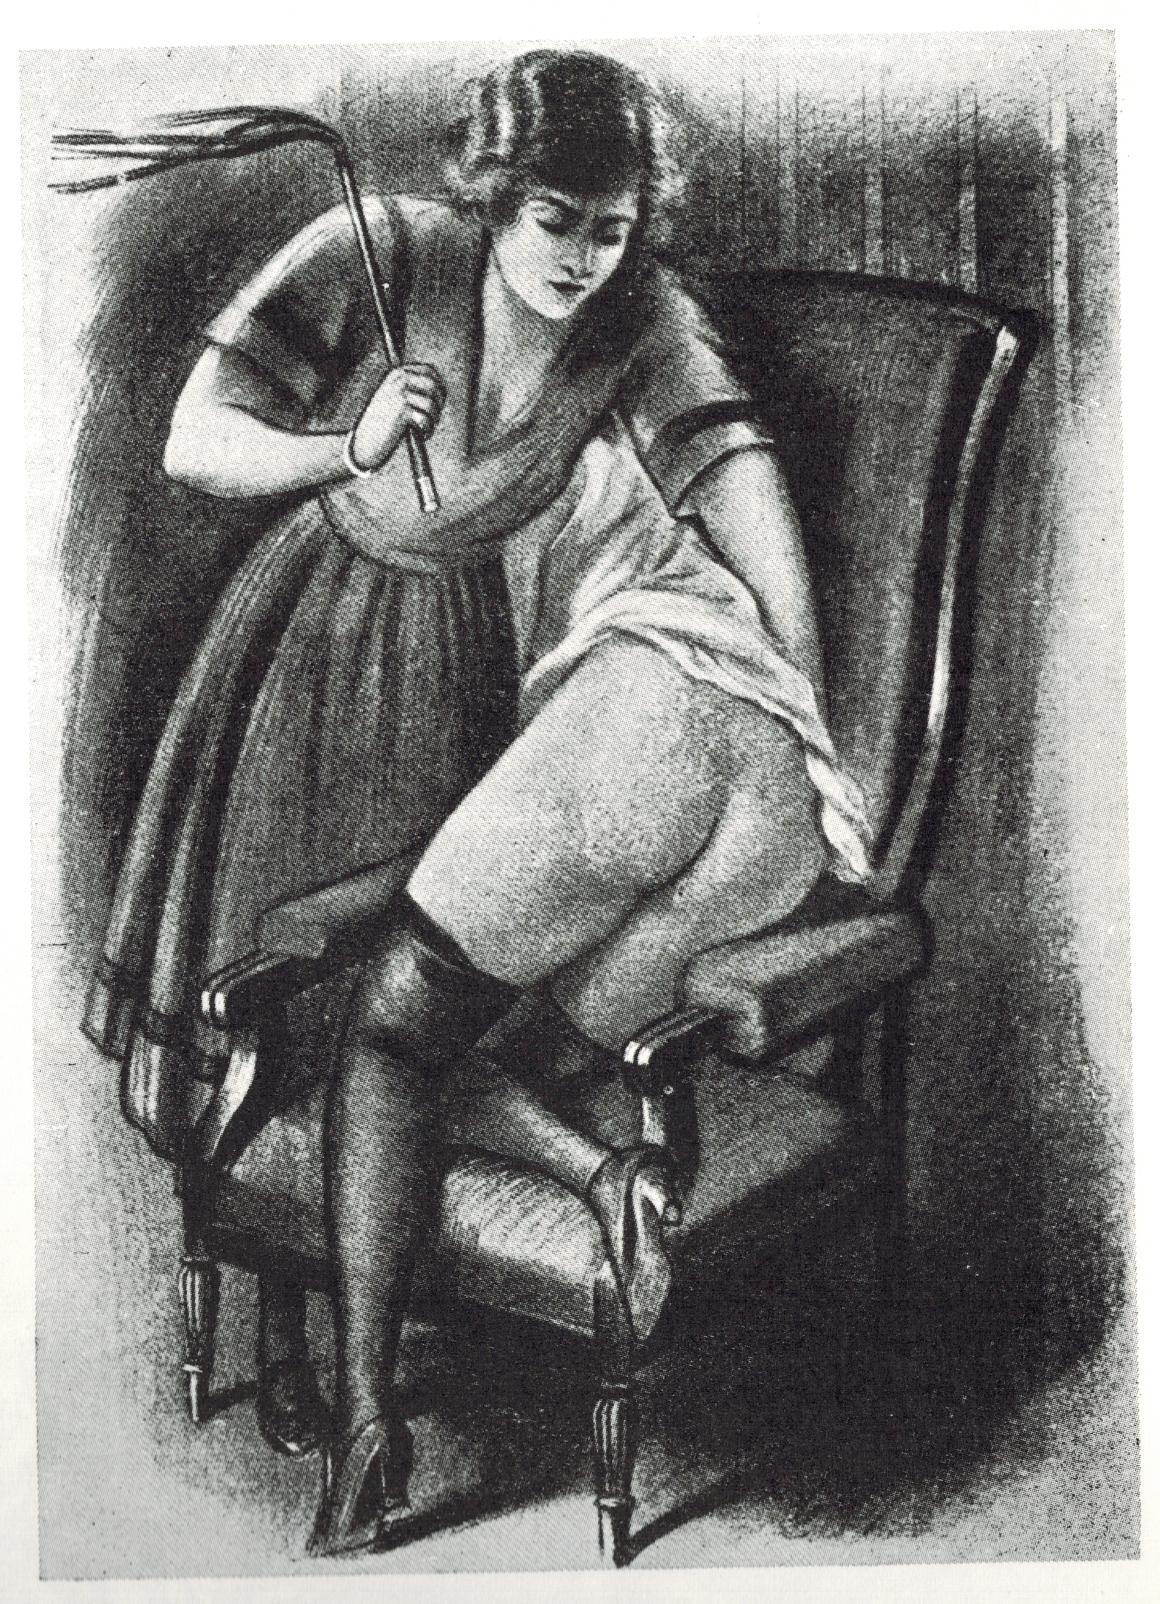 George Topfer, Dessin, Noir et blanc, F/F, Martinet, Vintage